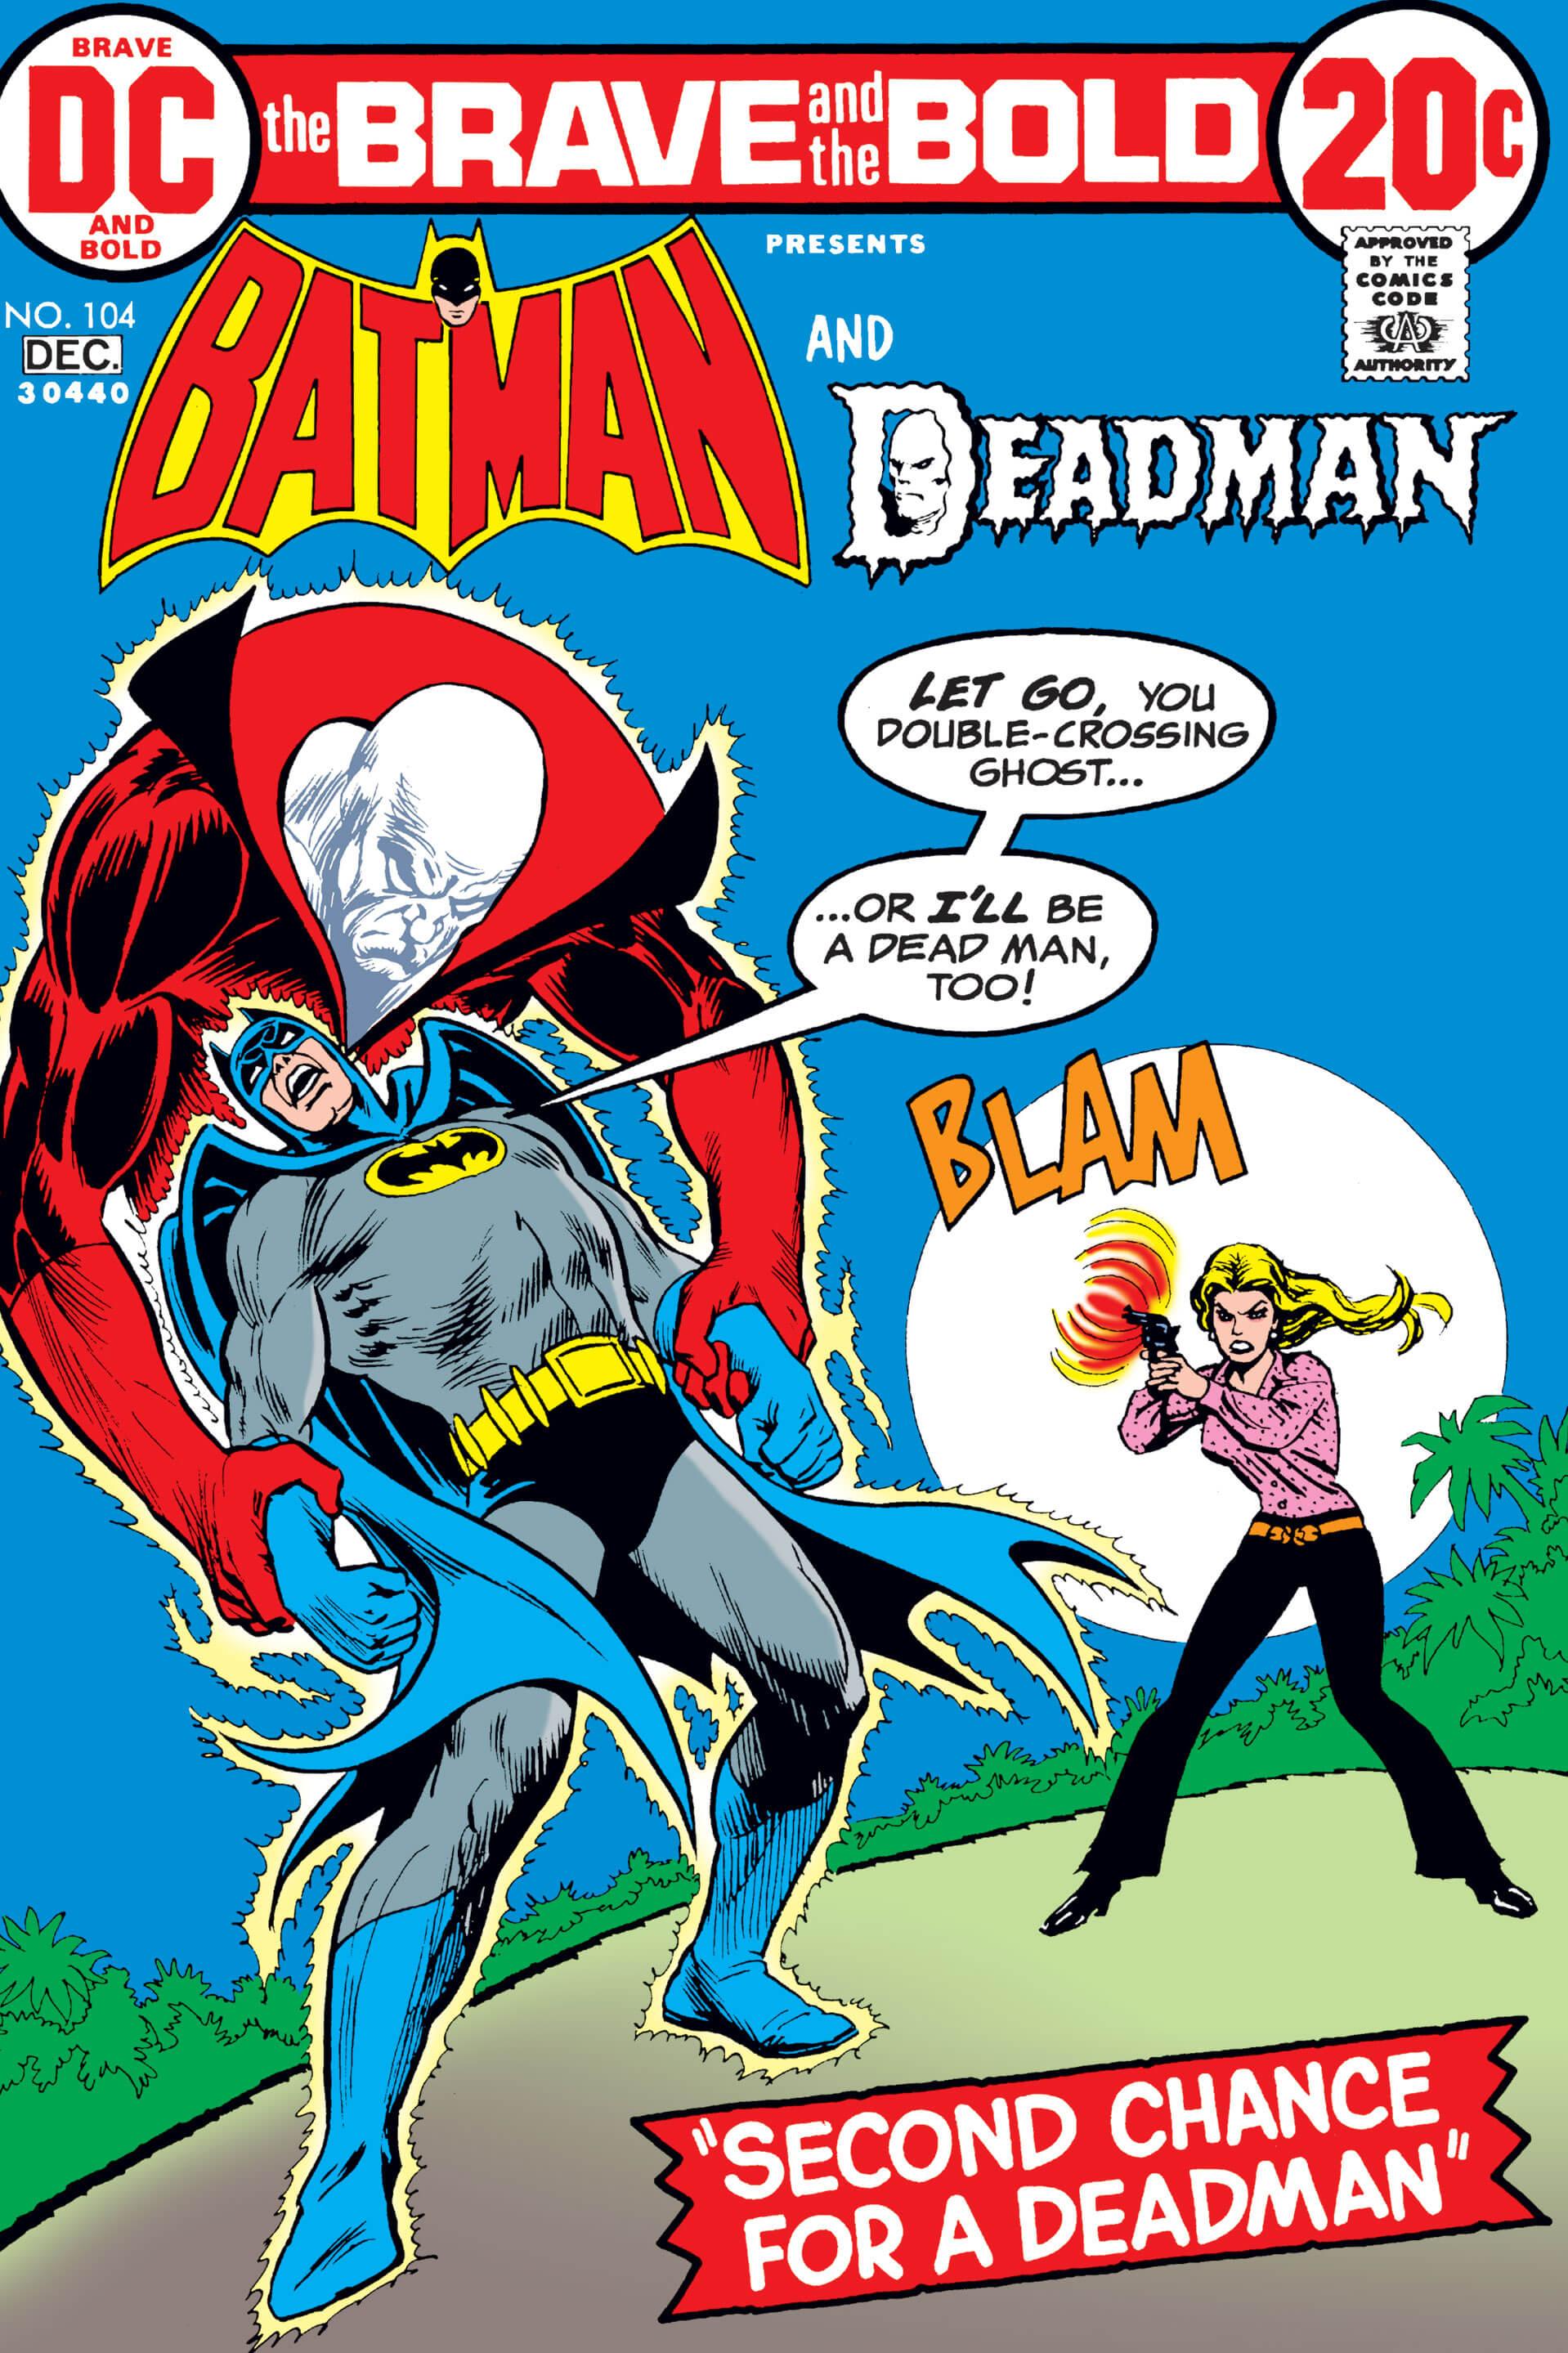 deadman-essential2-theghostandthebat-BAB-104.Cvr.600clr-v1.jpg